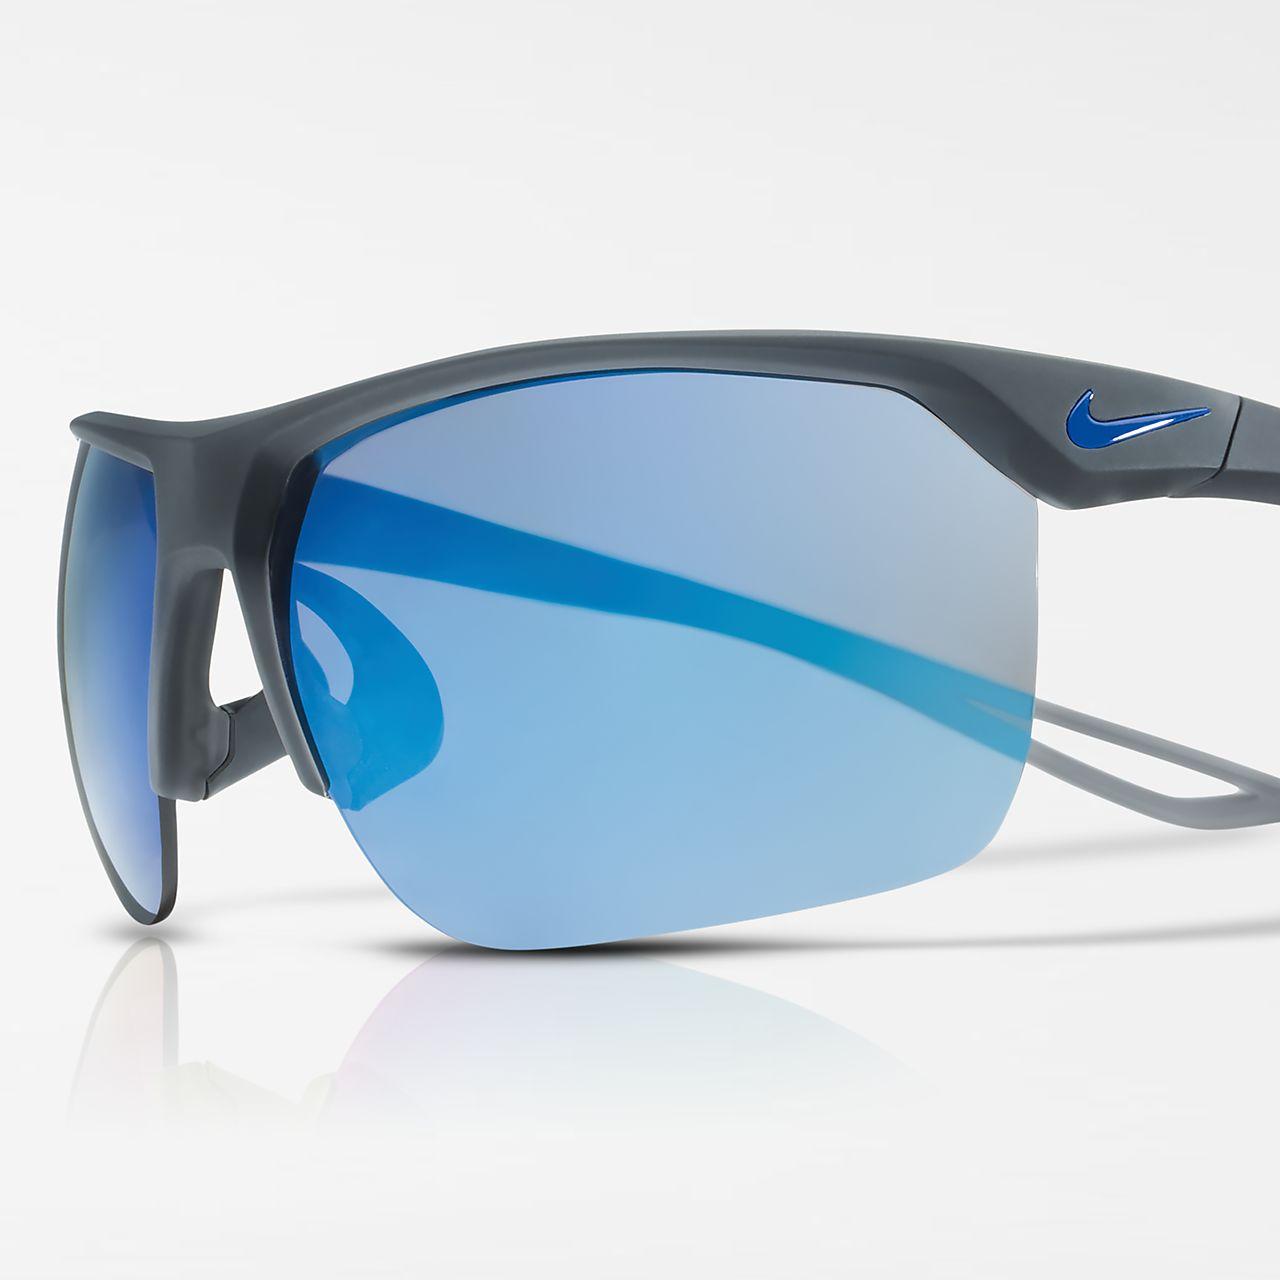 Okulary Przeciwsłoneczne Nike Trainer Nikecom Pl